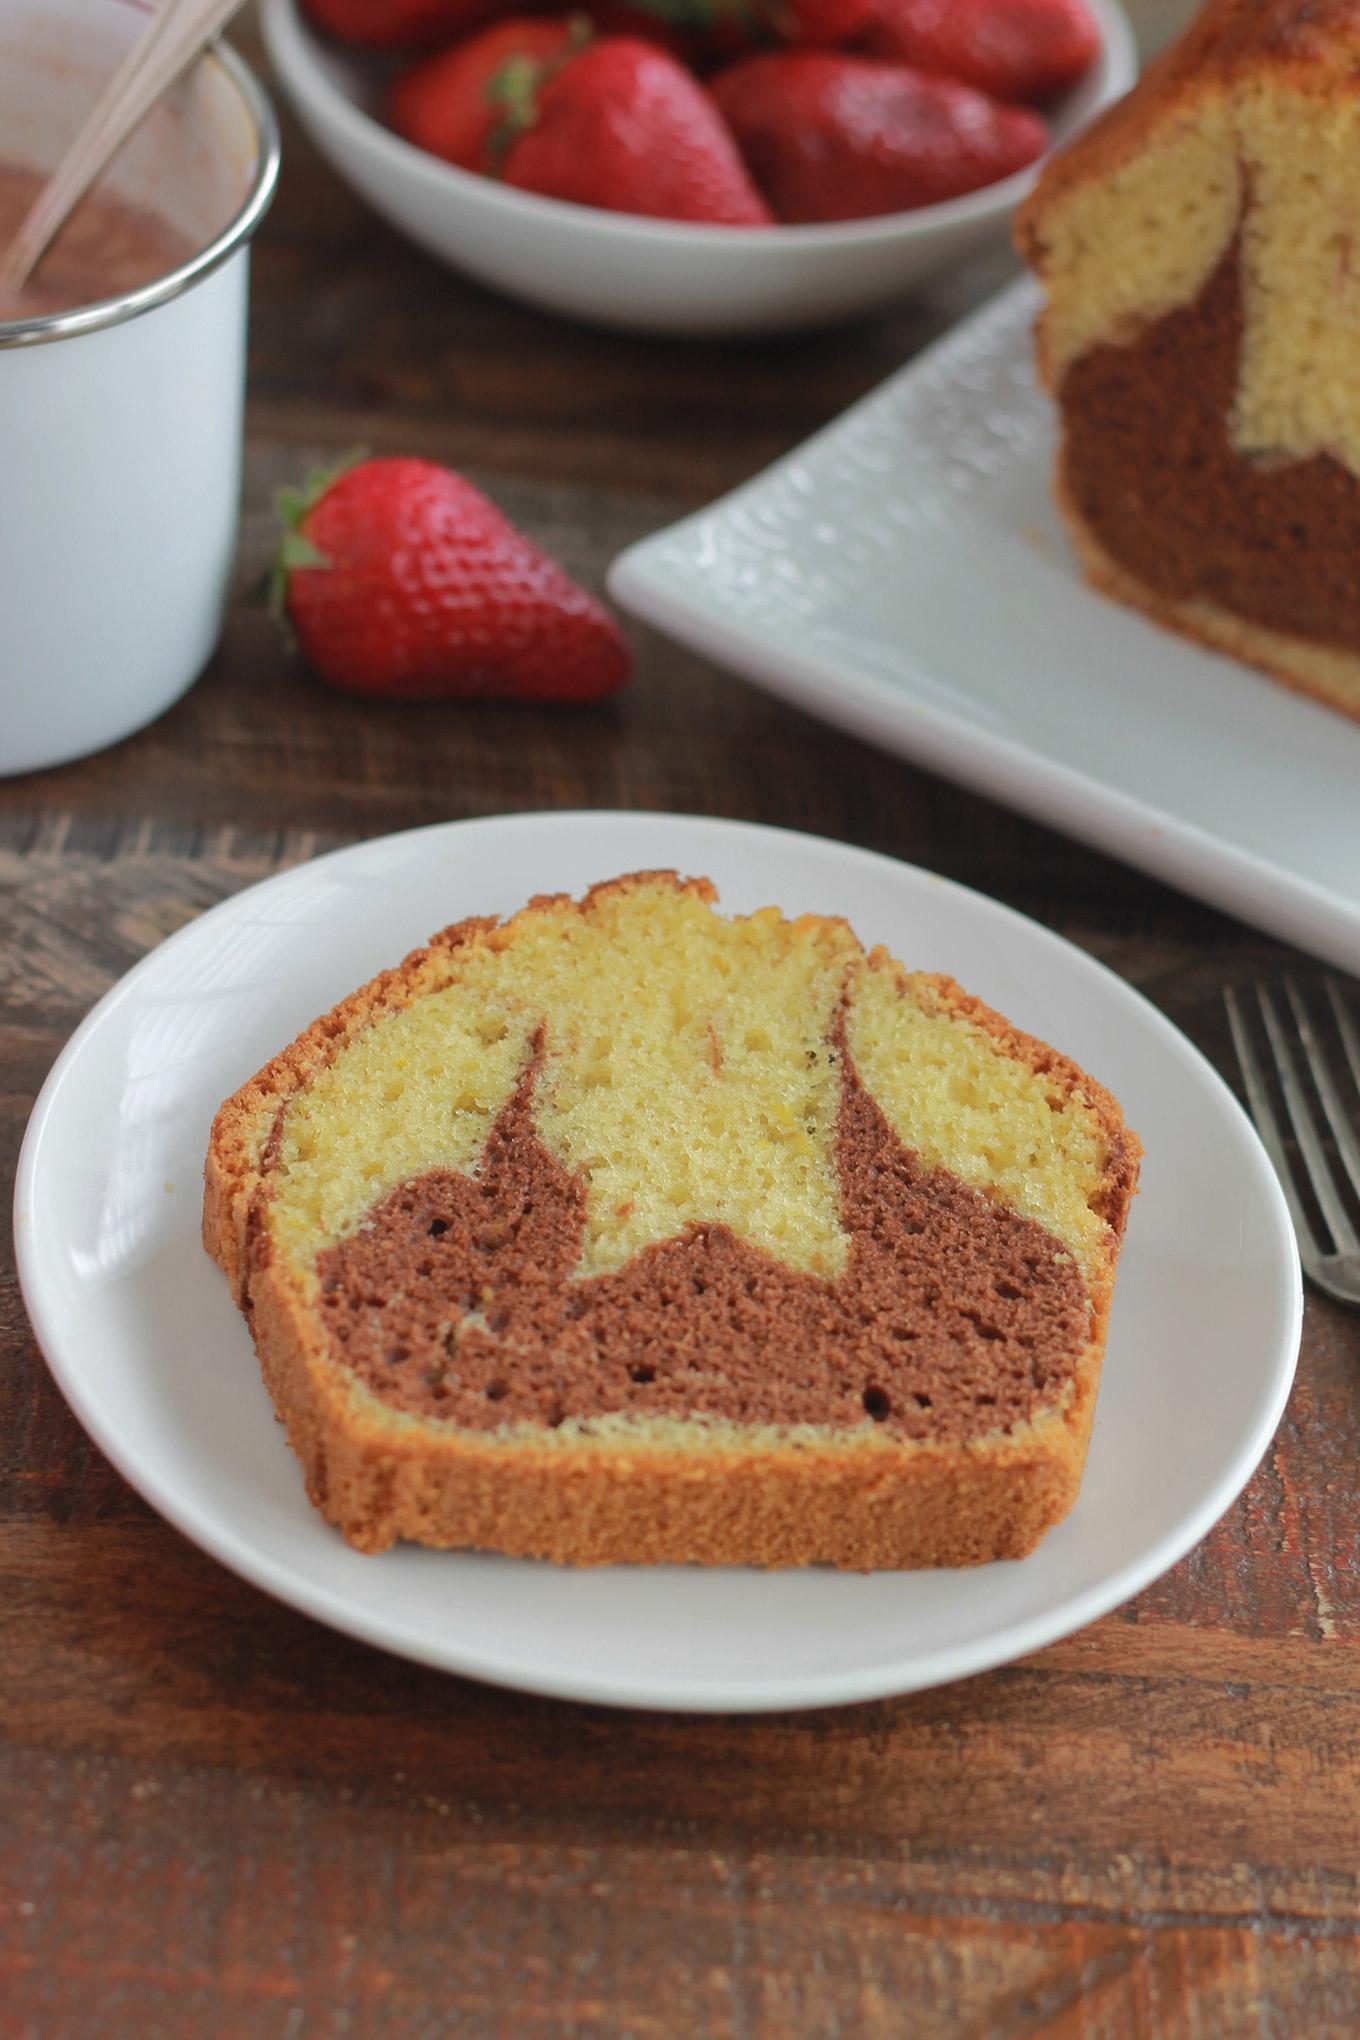 Gâteau marbré au chocolat, moelleux et très facile à faire. Agréablement parfumé à la vanille et au citron. Il convient pour le goûter ou le petit déjeuner.